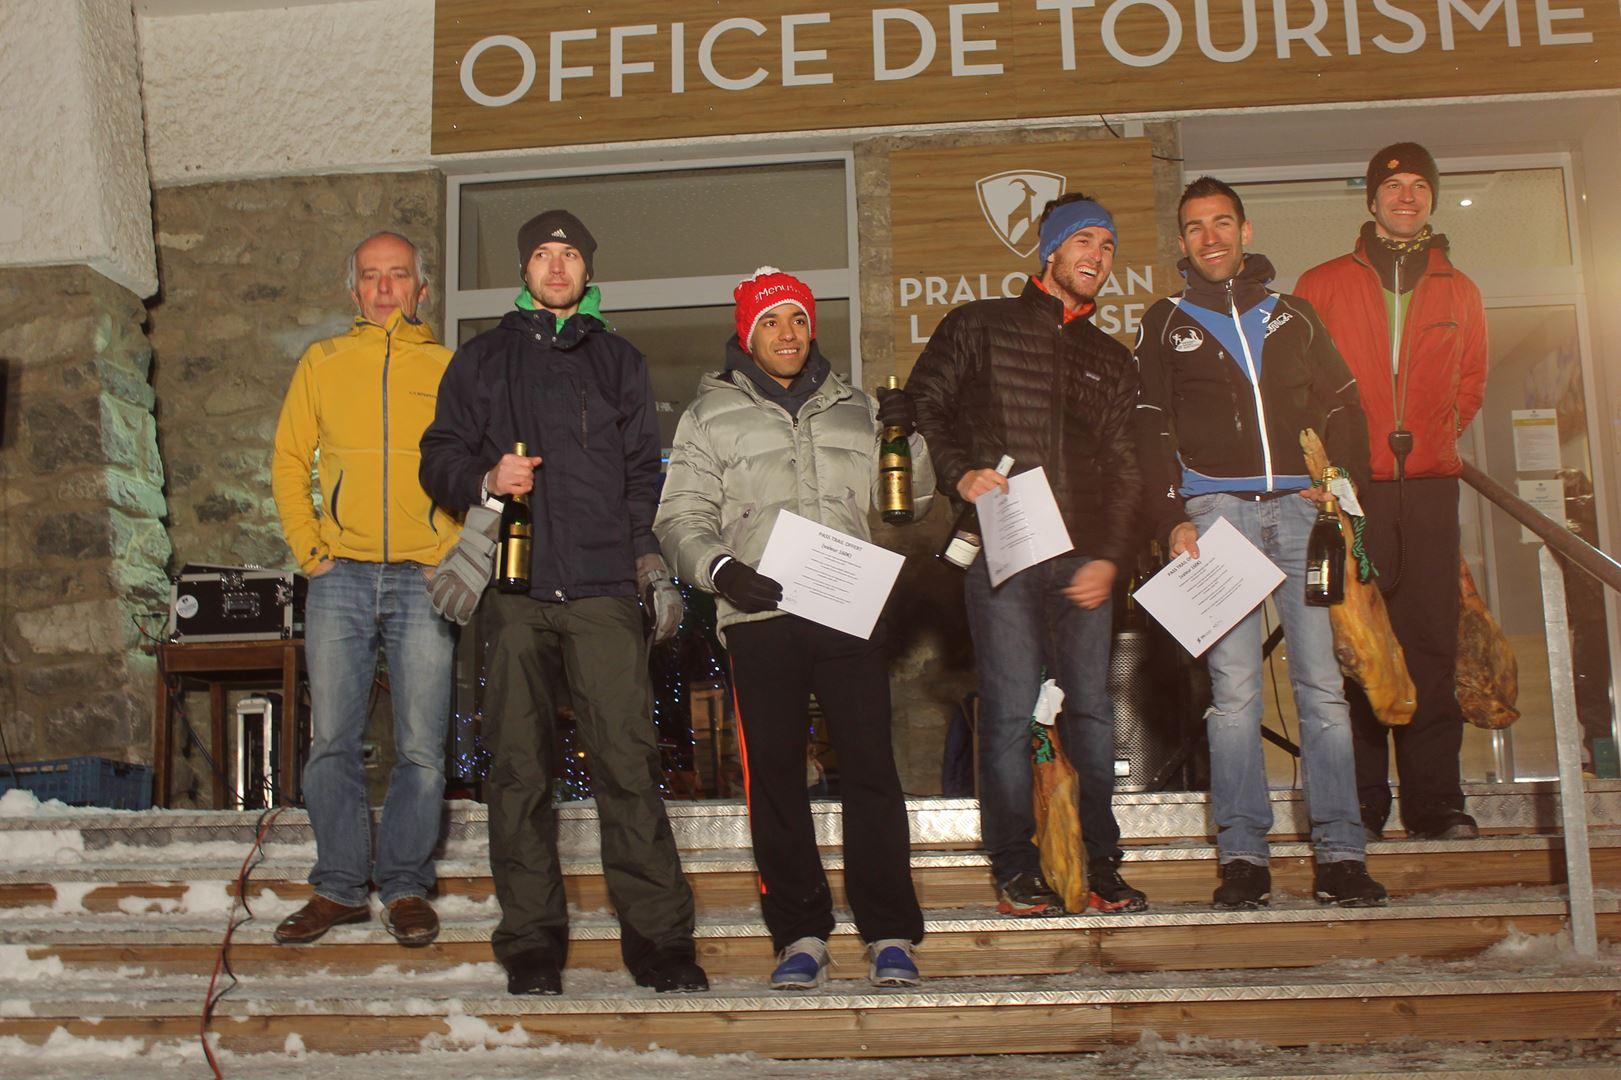 podium hommes du 8km - RESULTATS, COMMENTAIRES, PHOTOS DU TRAIL DE L'INUIT - PRALOGNAN LA VANOISE 73 - 21-01-2017